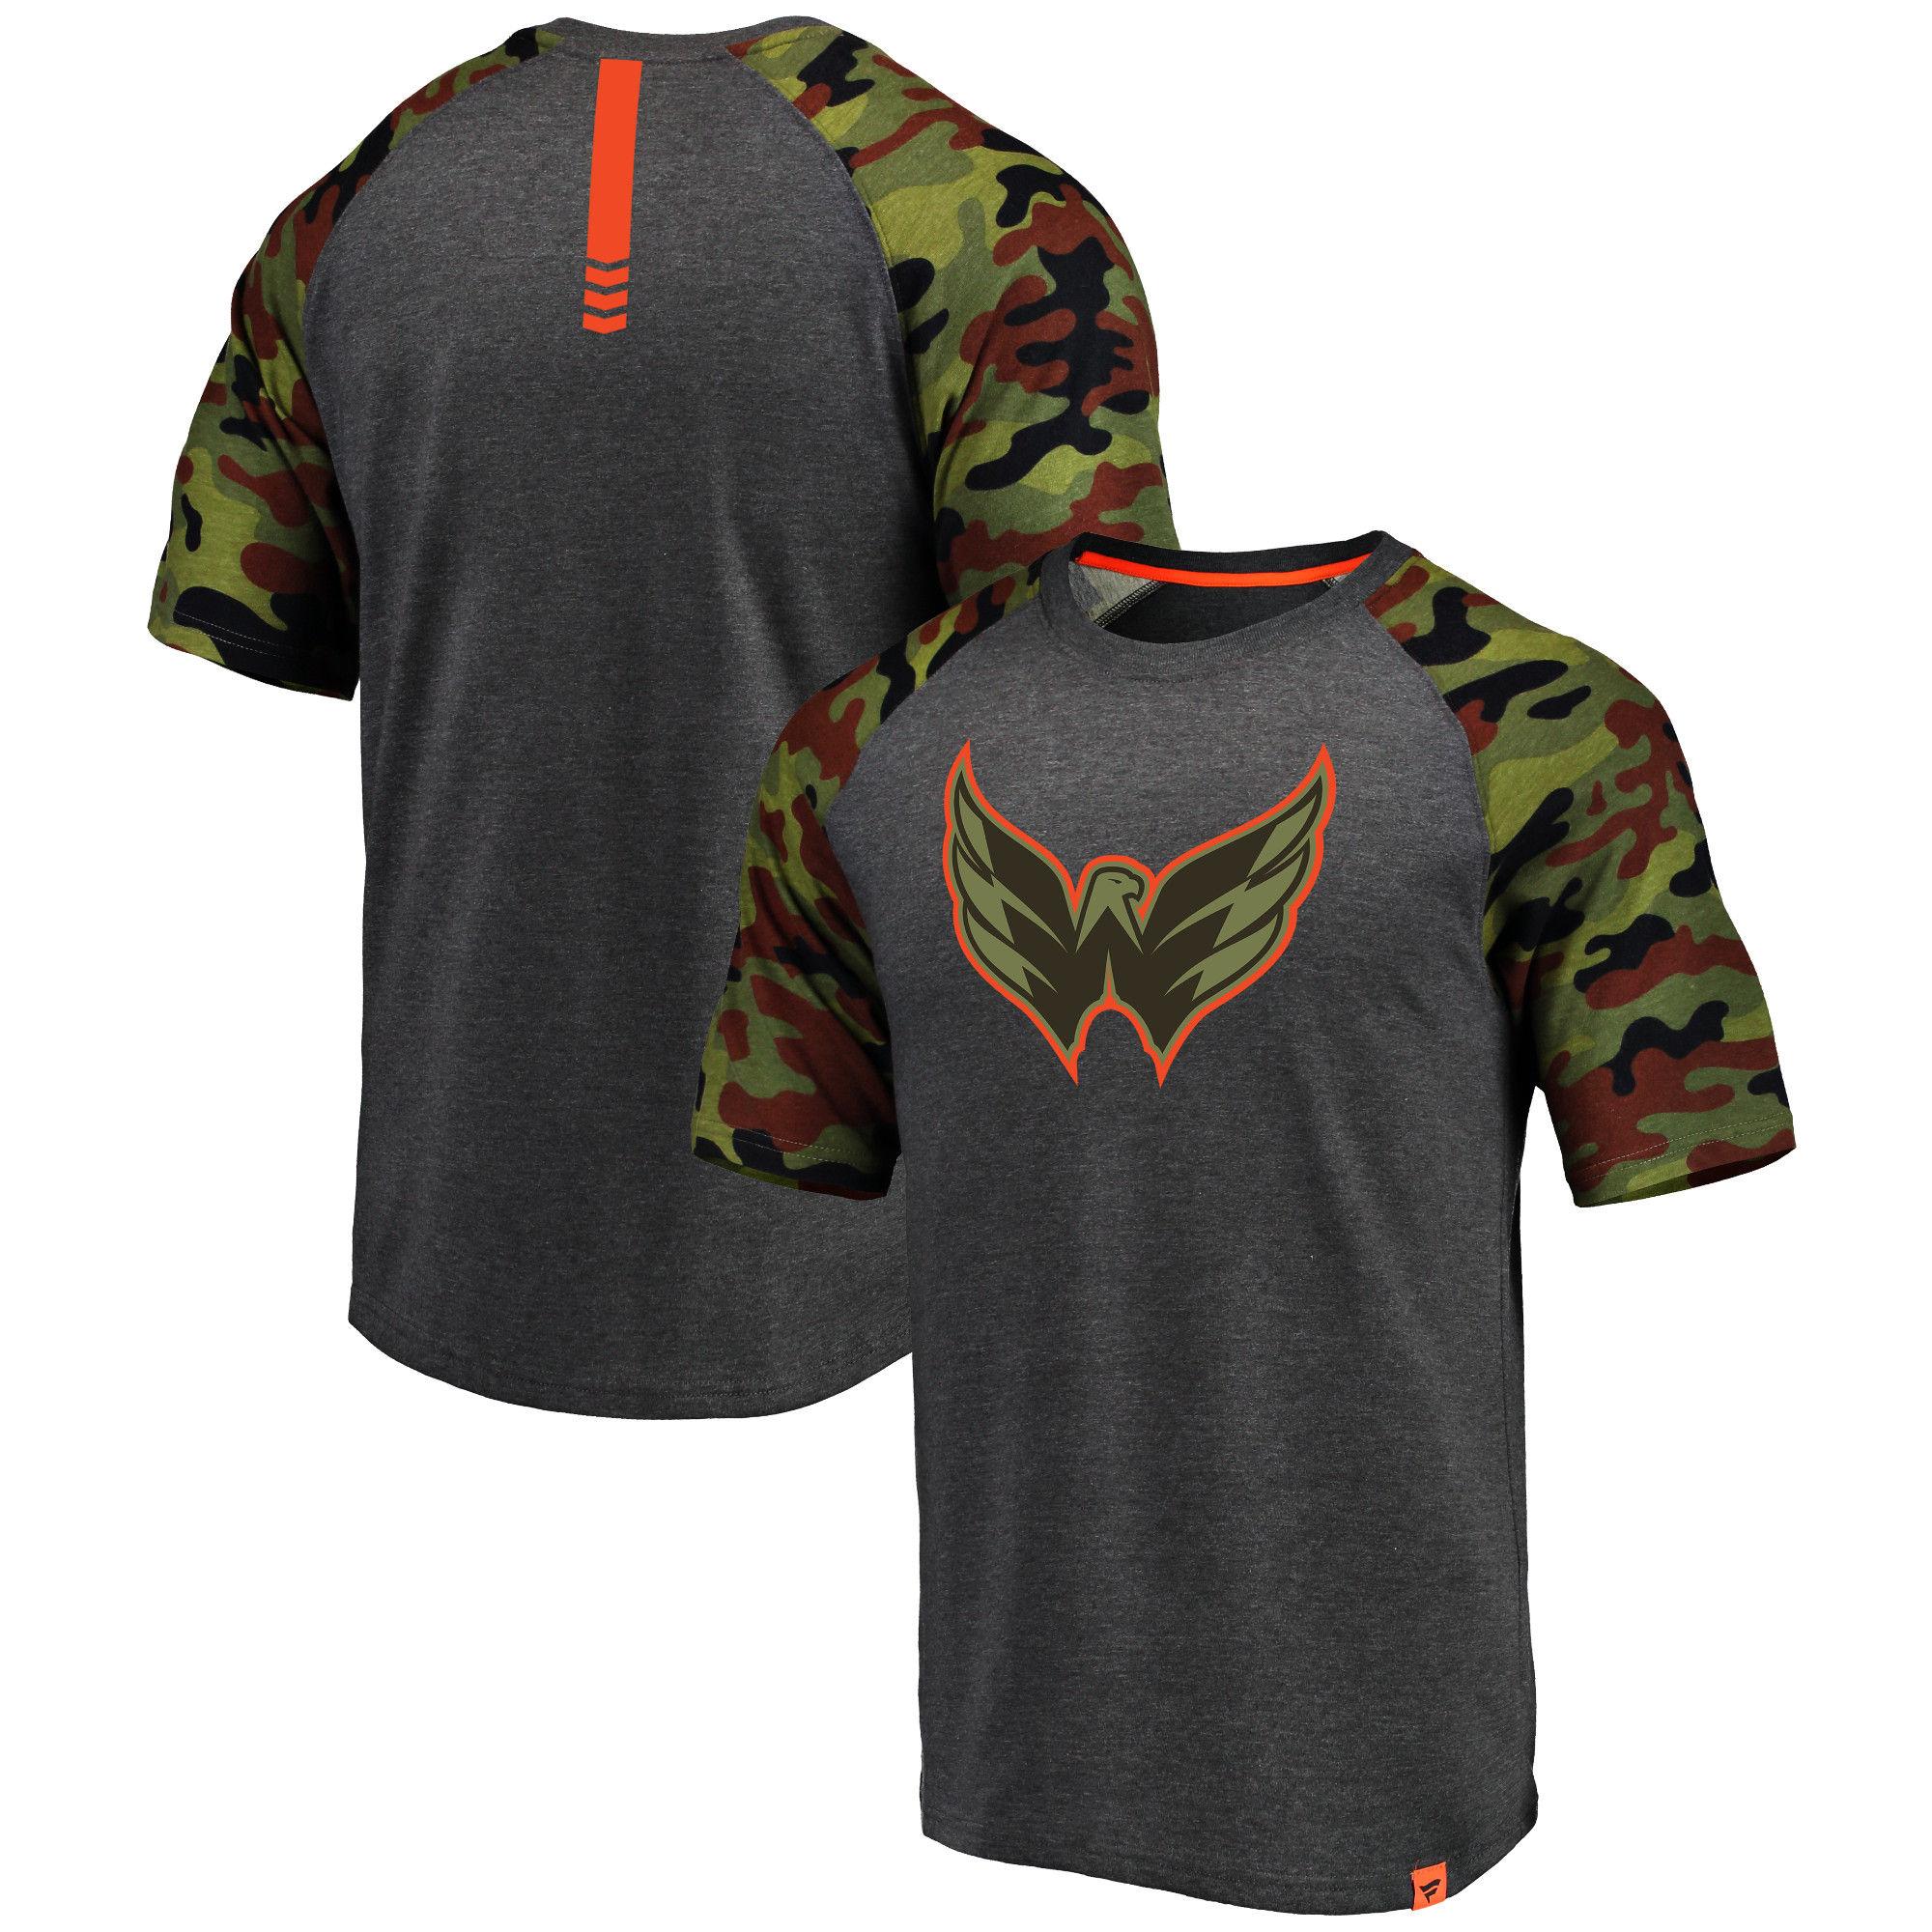 Washington Capitals Fanatics Branded Heathered Gray/Camo Recon Camo Raglan T-Shirt